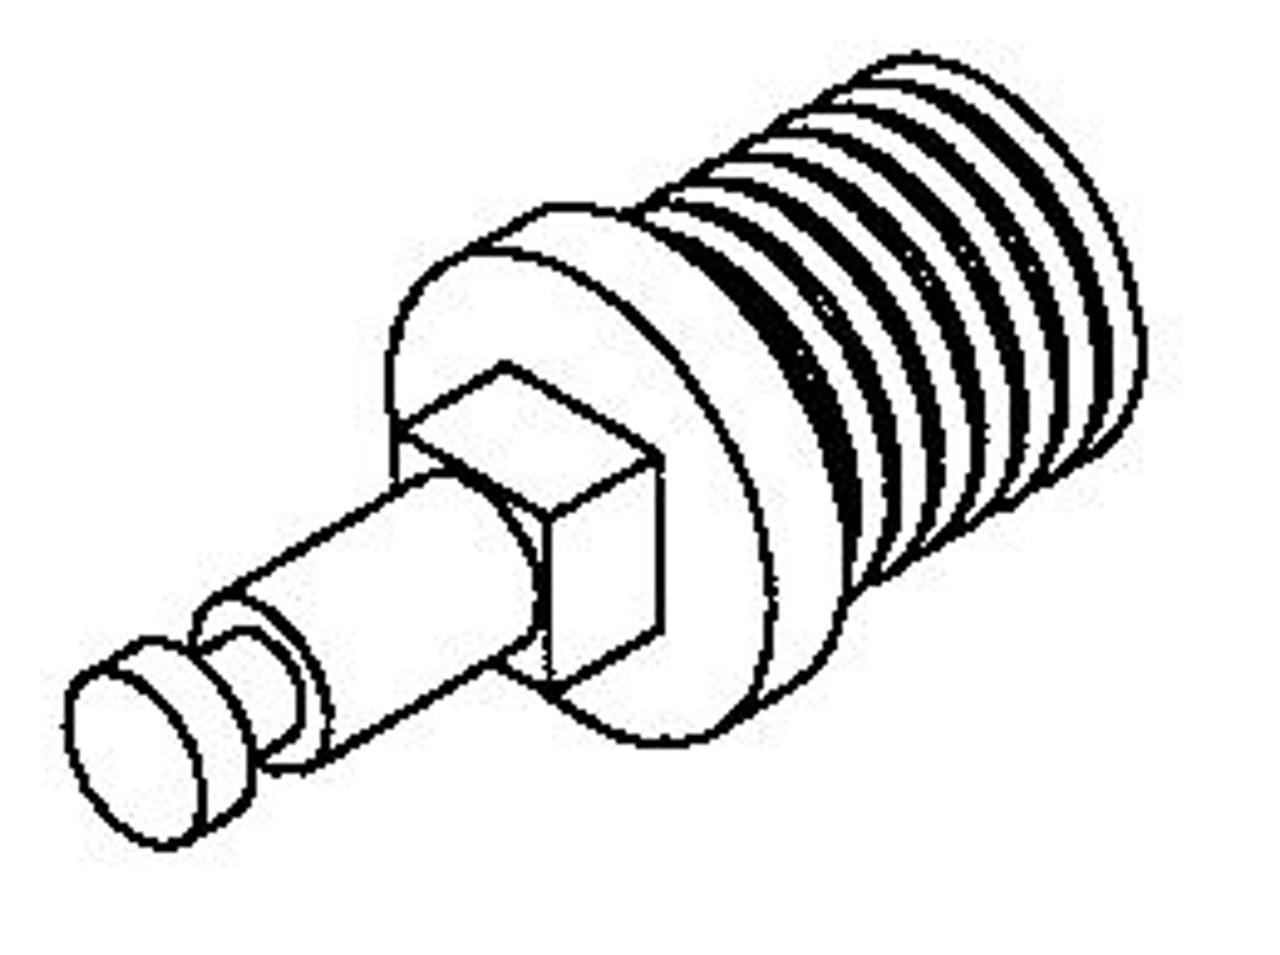 Hobart H509 - Worm Feed Screw Stud - Hobart 4146,4246,4346,4632,4732,4732A